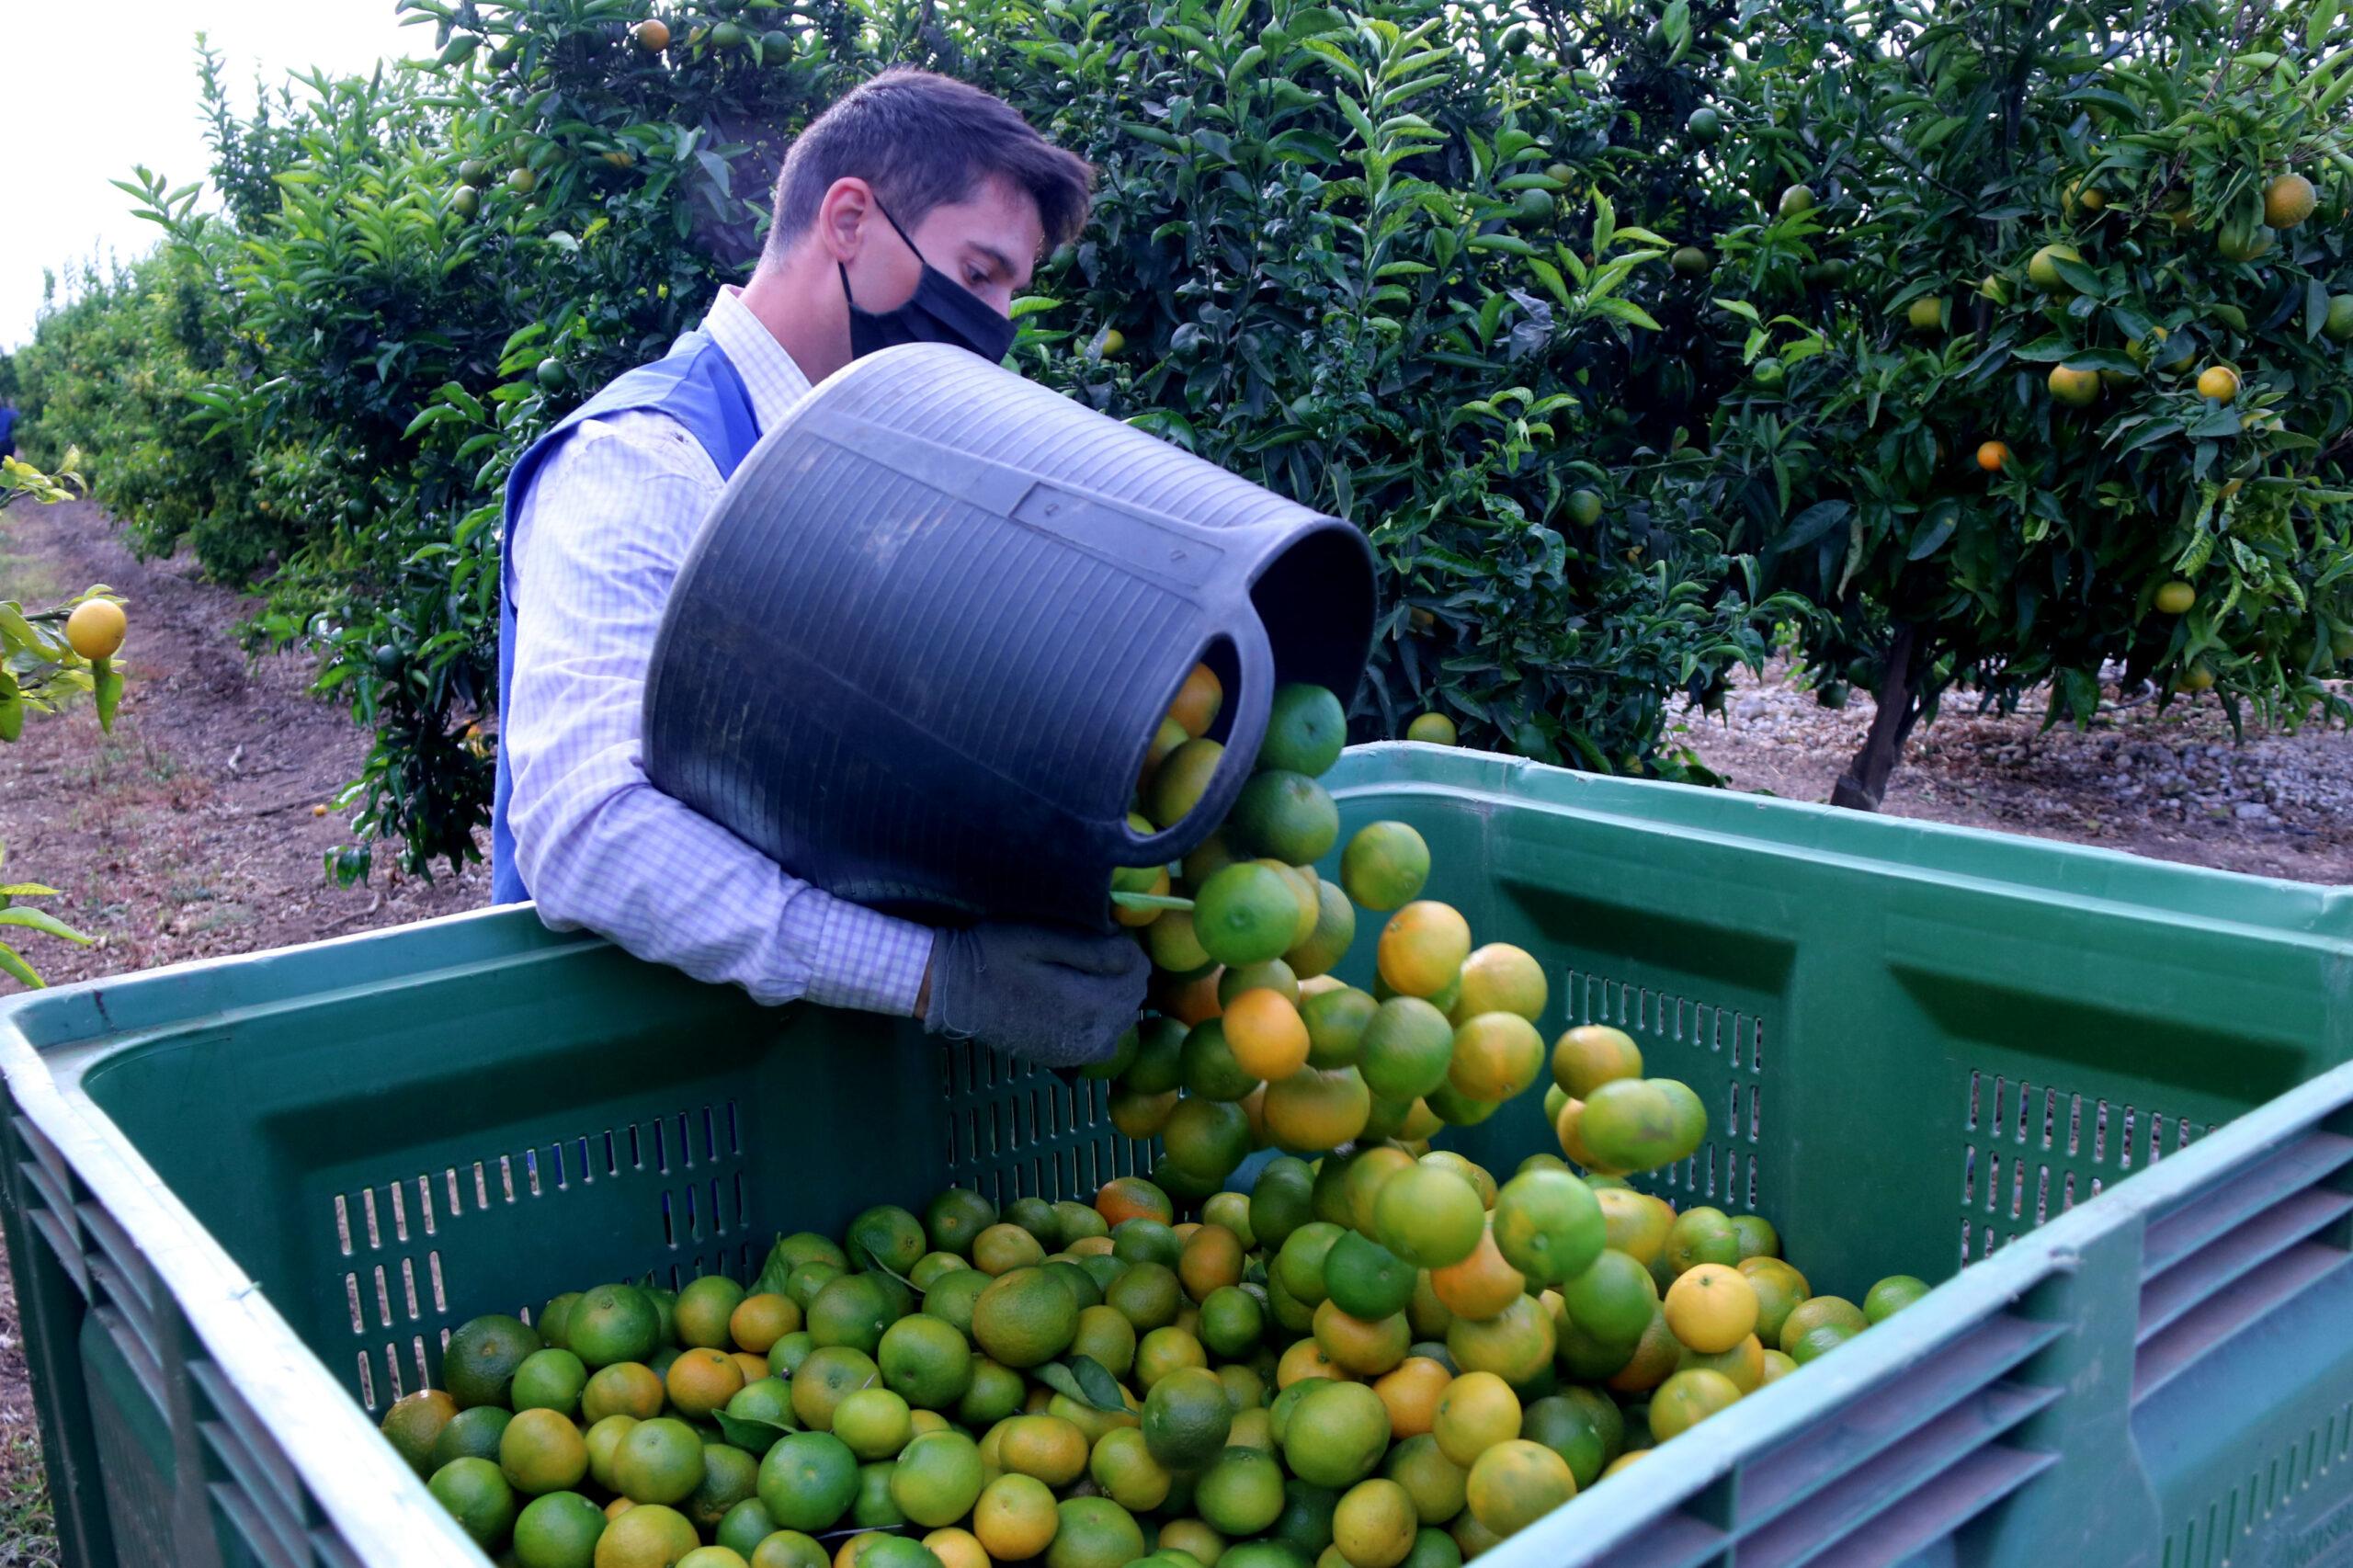 Un collidor de mandarines buidant un dels basquets en una caixa | ACN